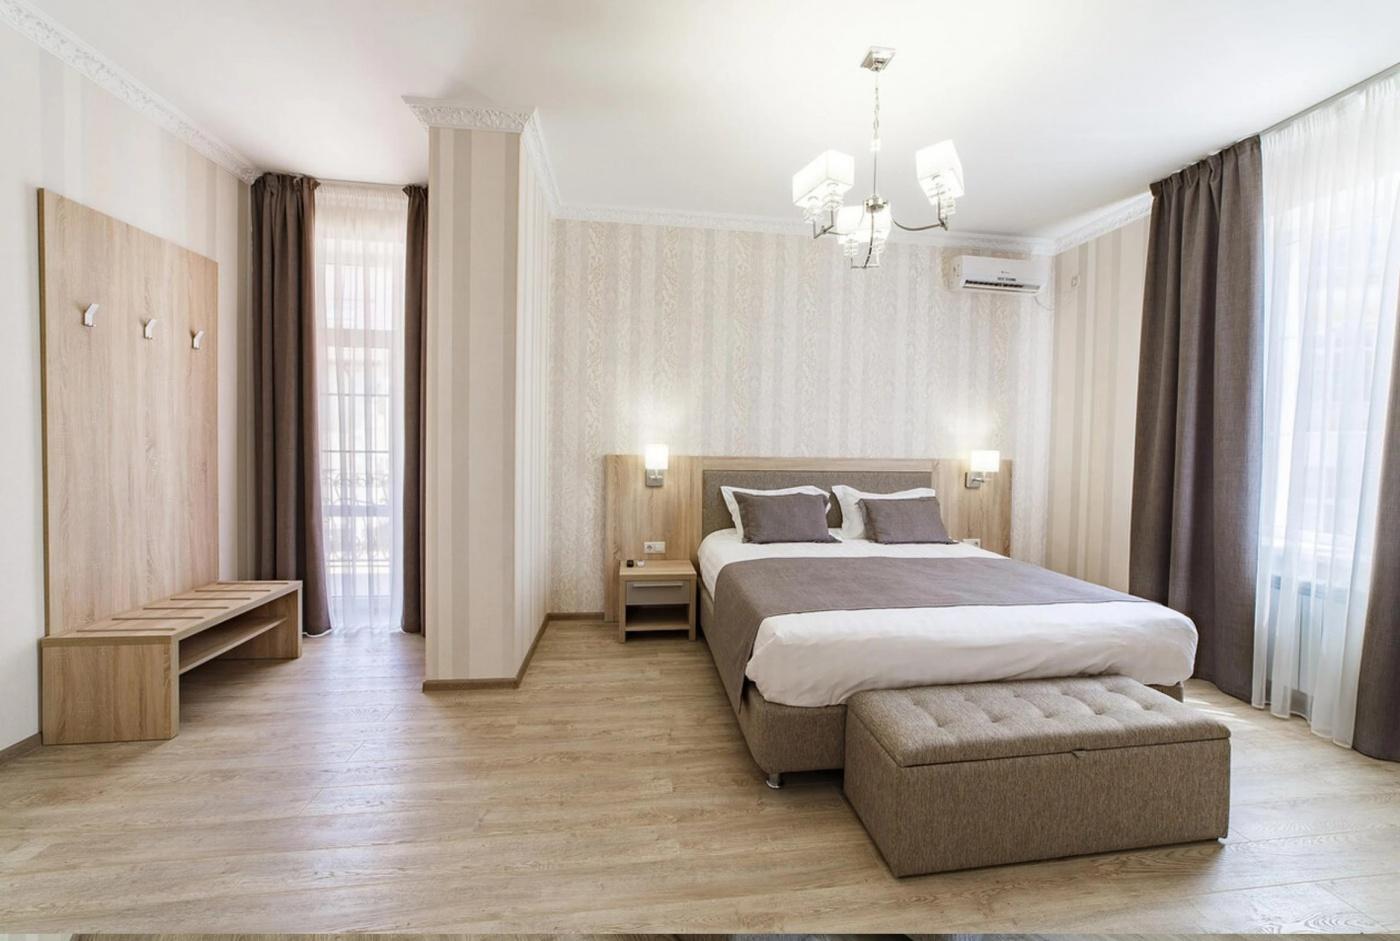 Отель «Alean Family Hotel Usadba 4*» Краснодарский край Семейный 2-комнатный, фото 2